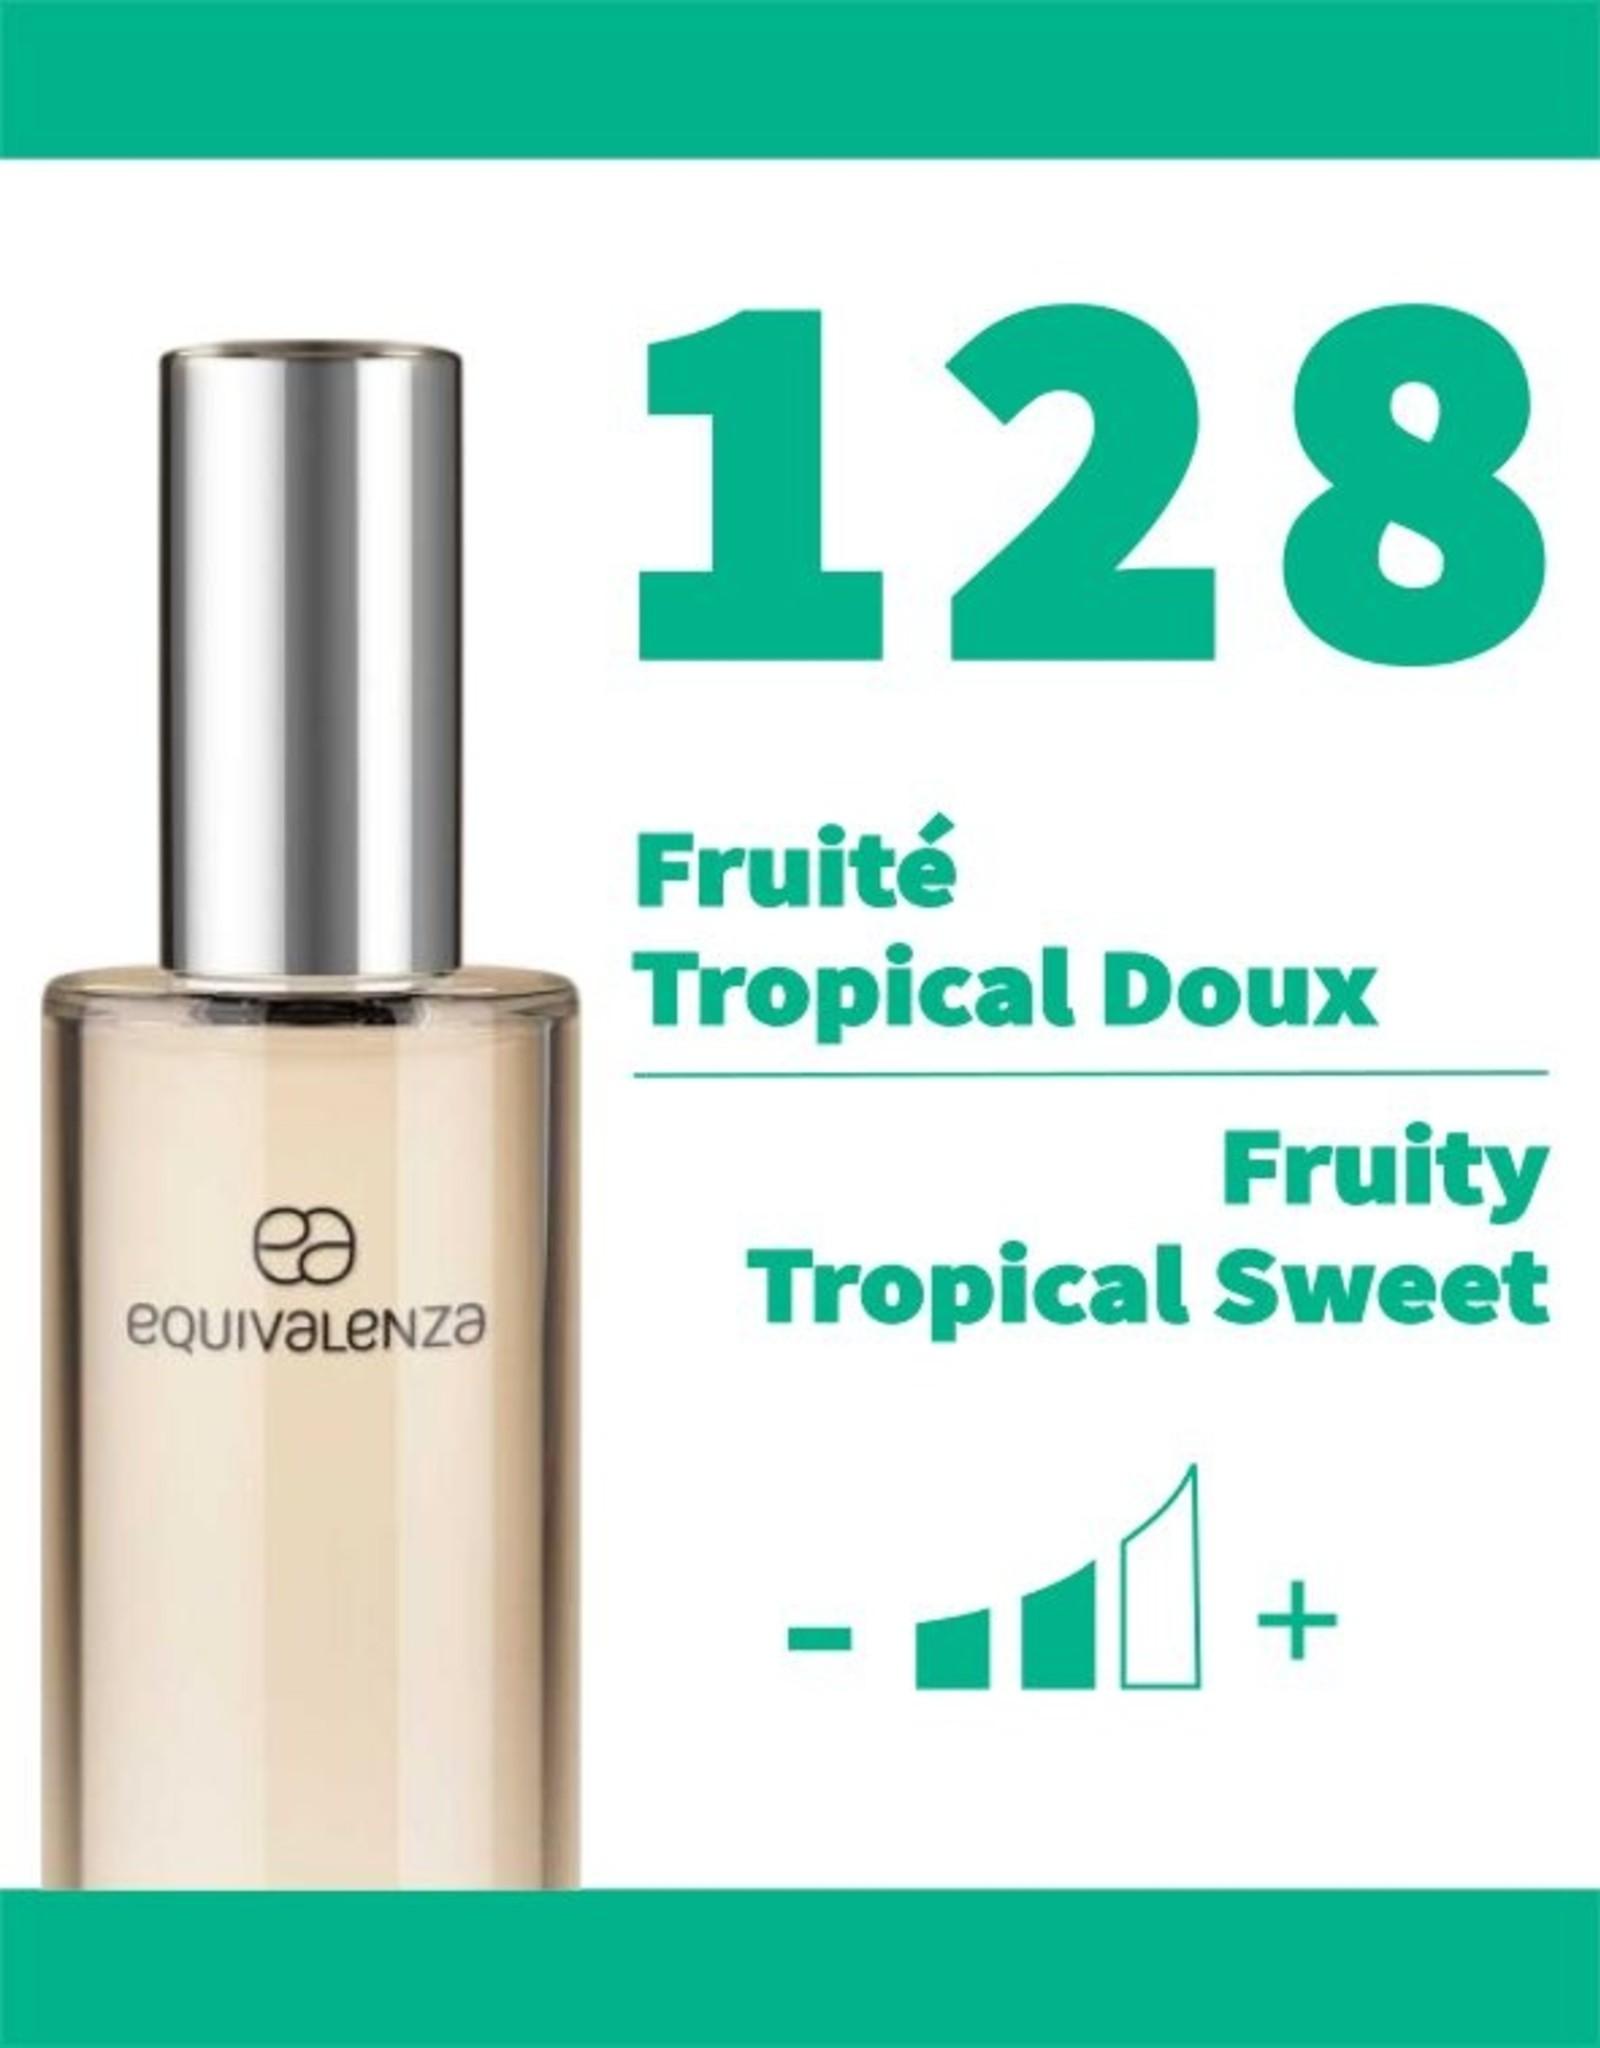 Equivalenza Eau de Toilette Fruité Tropical Doux 128